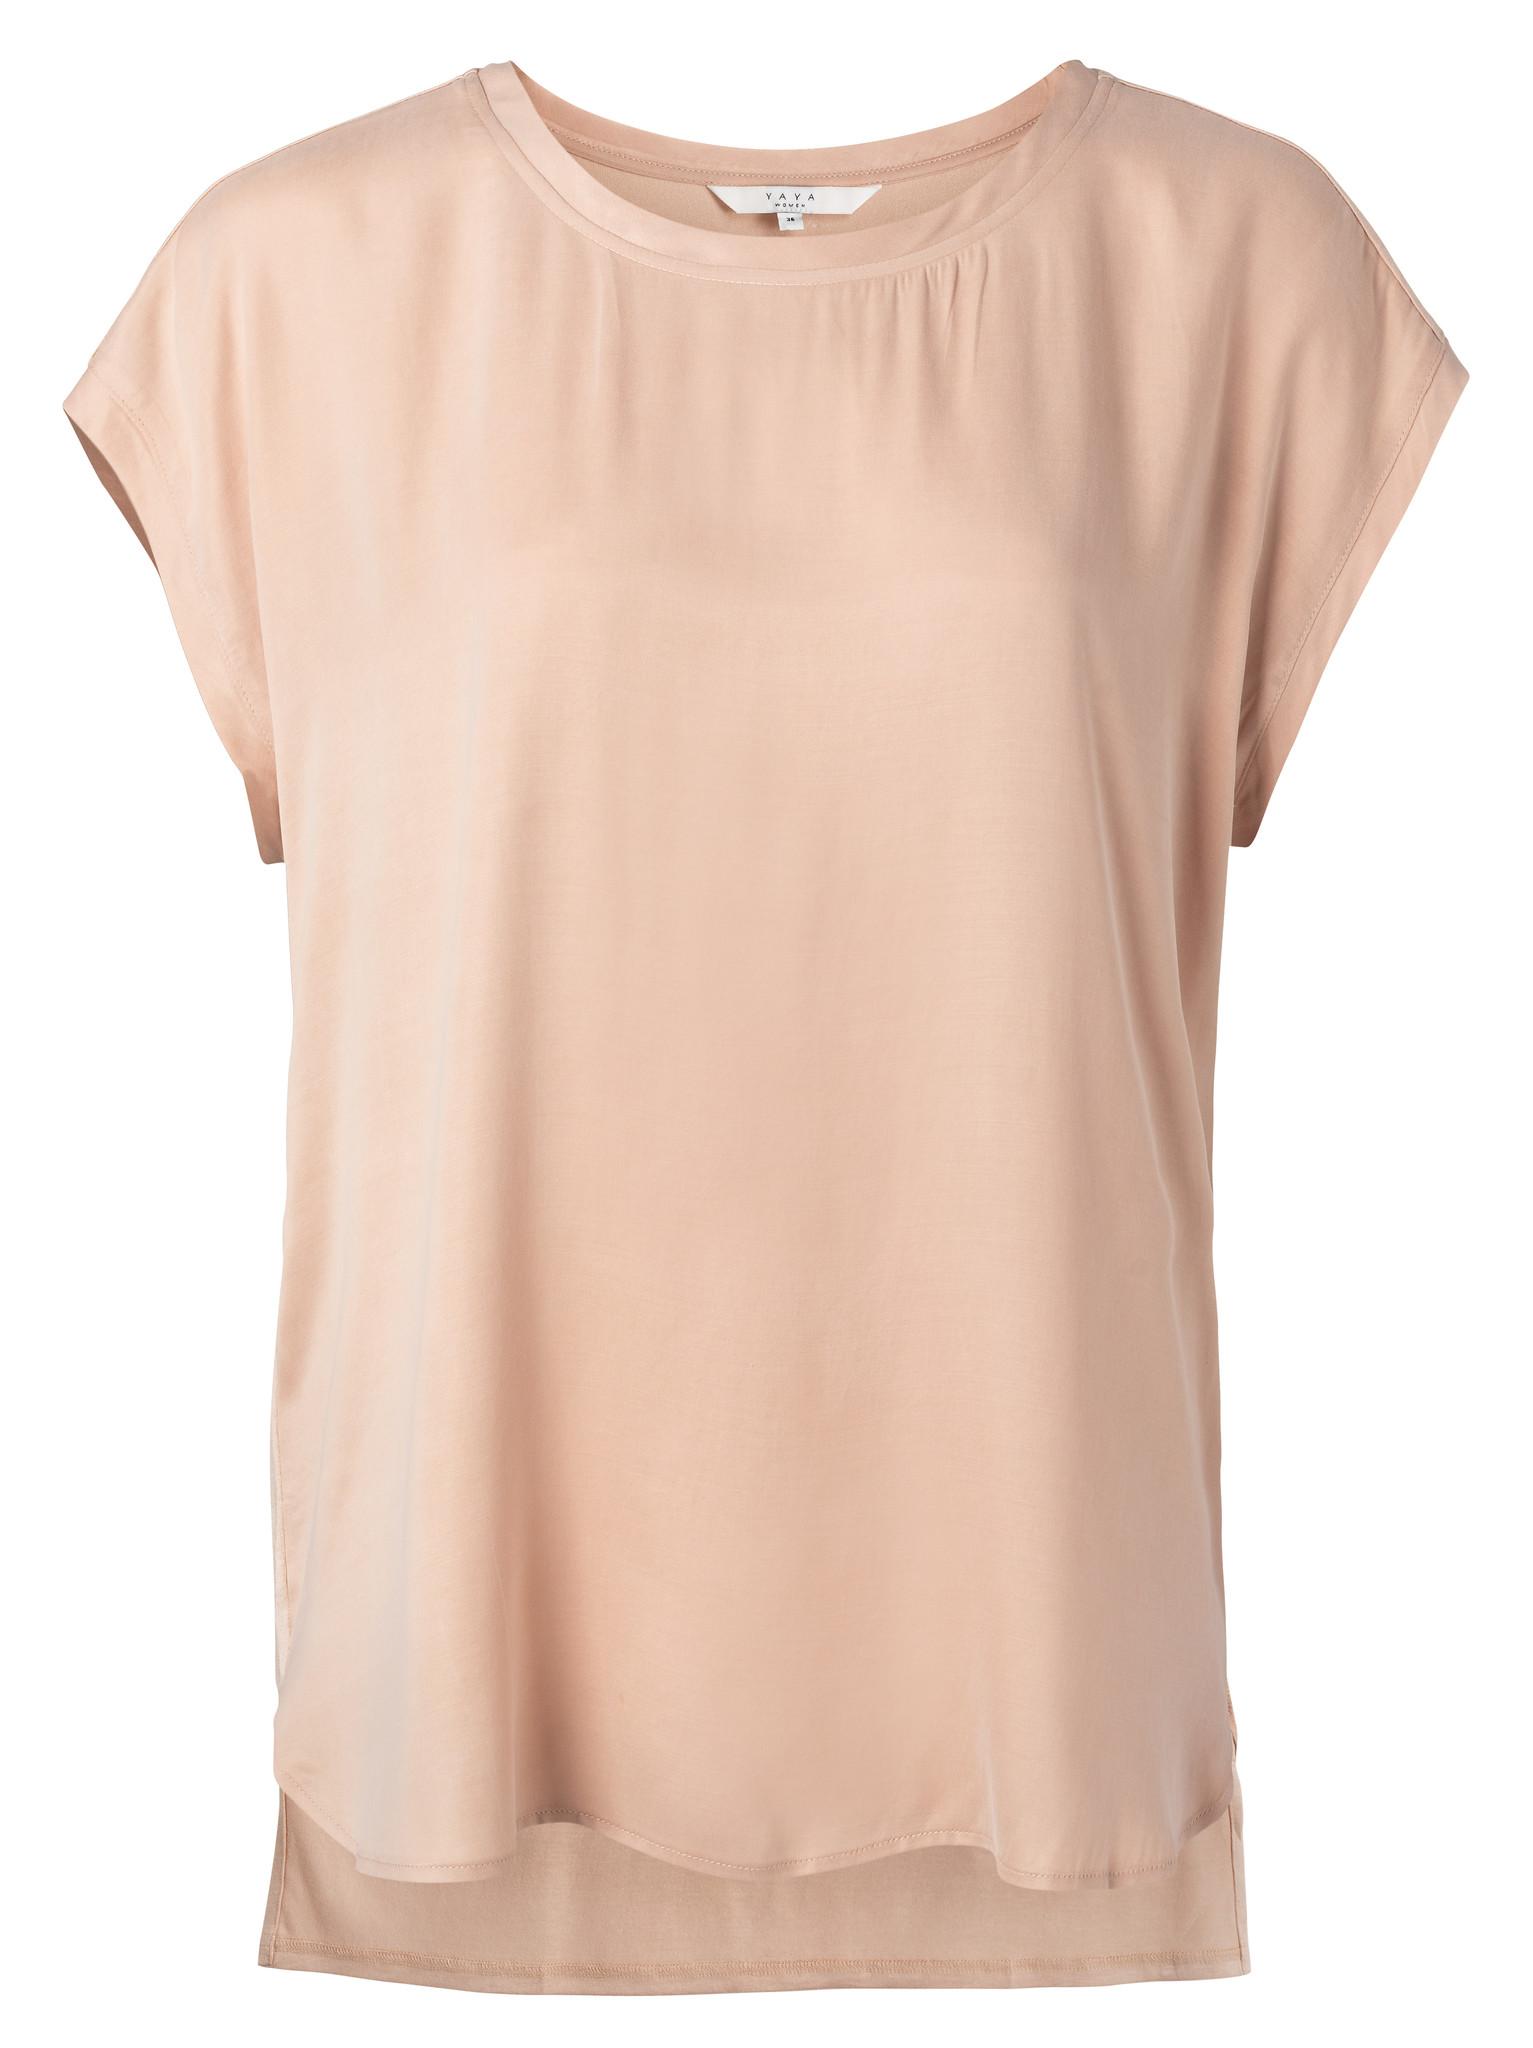 yaya Cupro blend fabric m 1901116-113-1